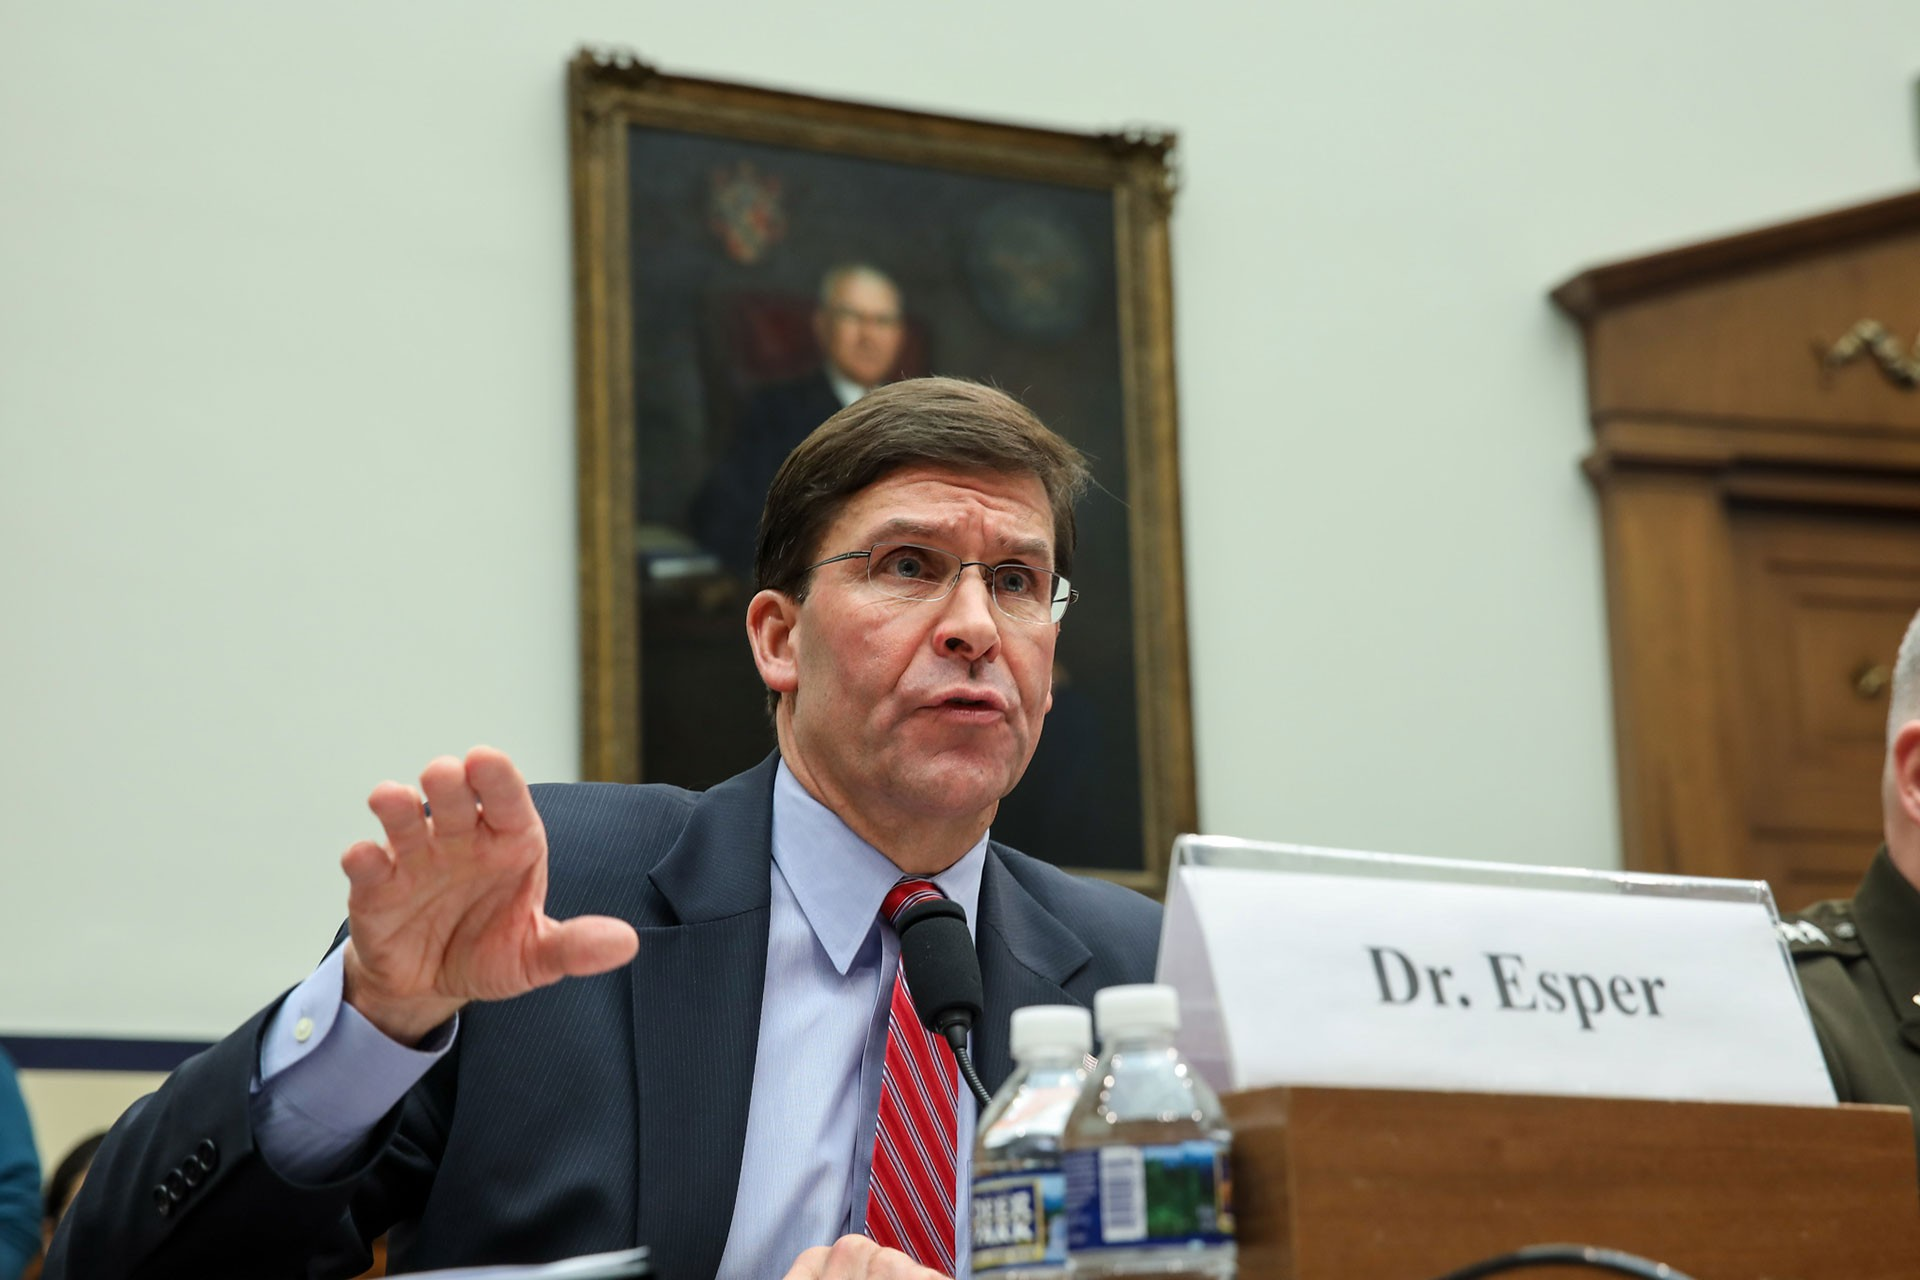 Mark Esper